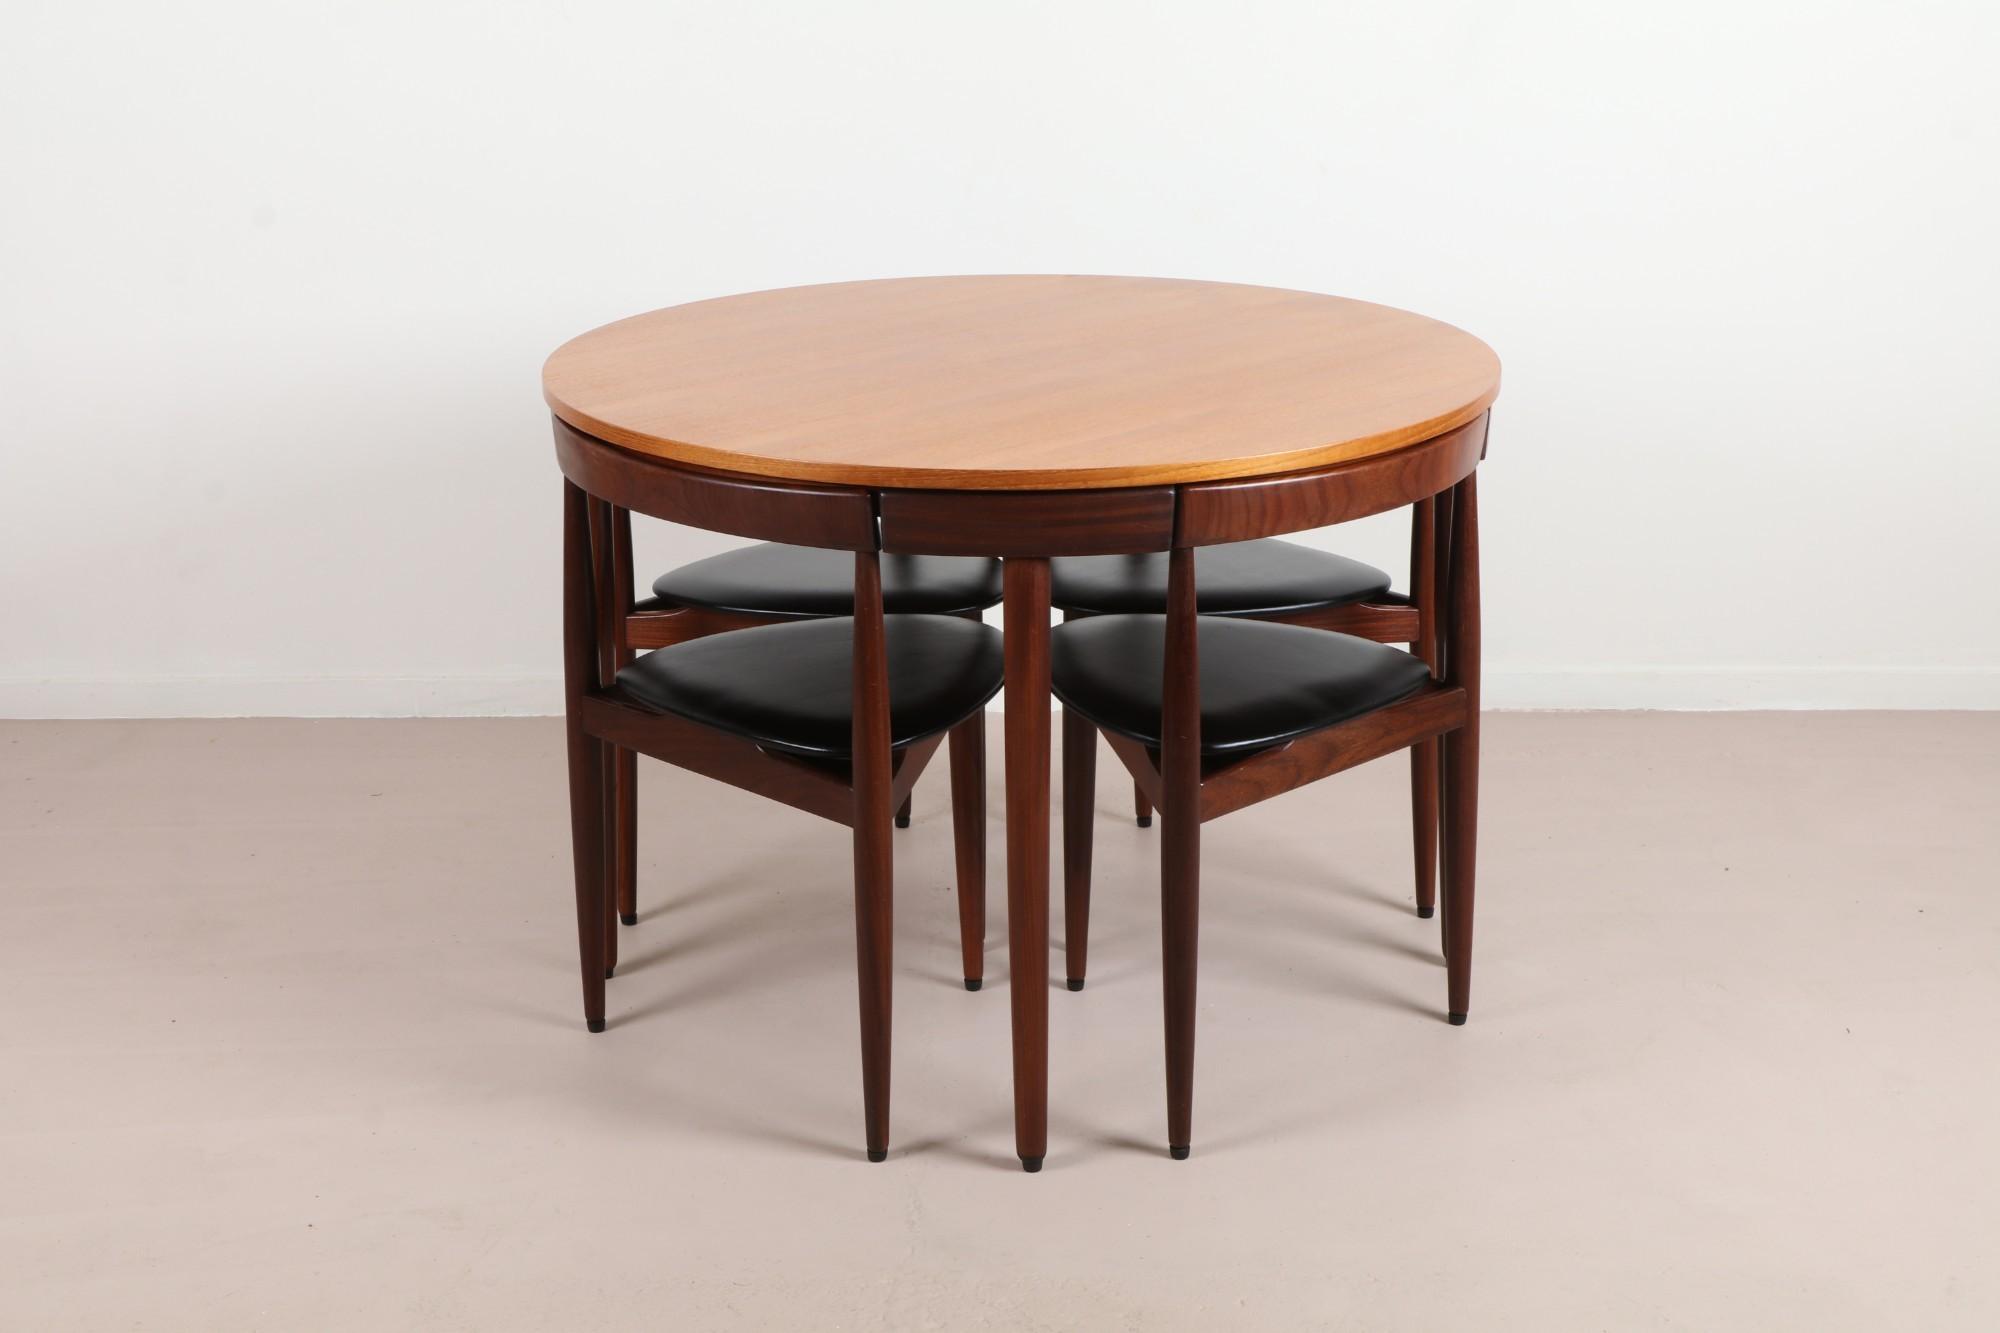 Hans Olsen 'Roundette' Dining Suite for Frem Rojle Image Credit: Mr Bigglesworthy